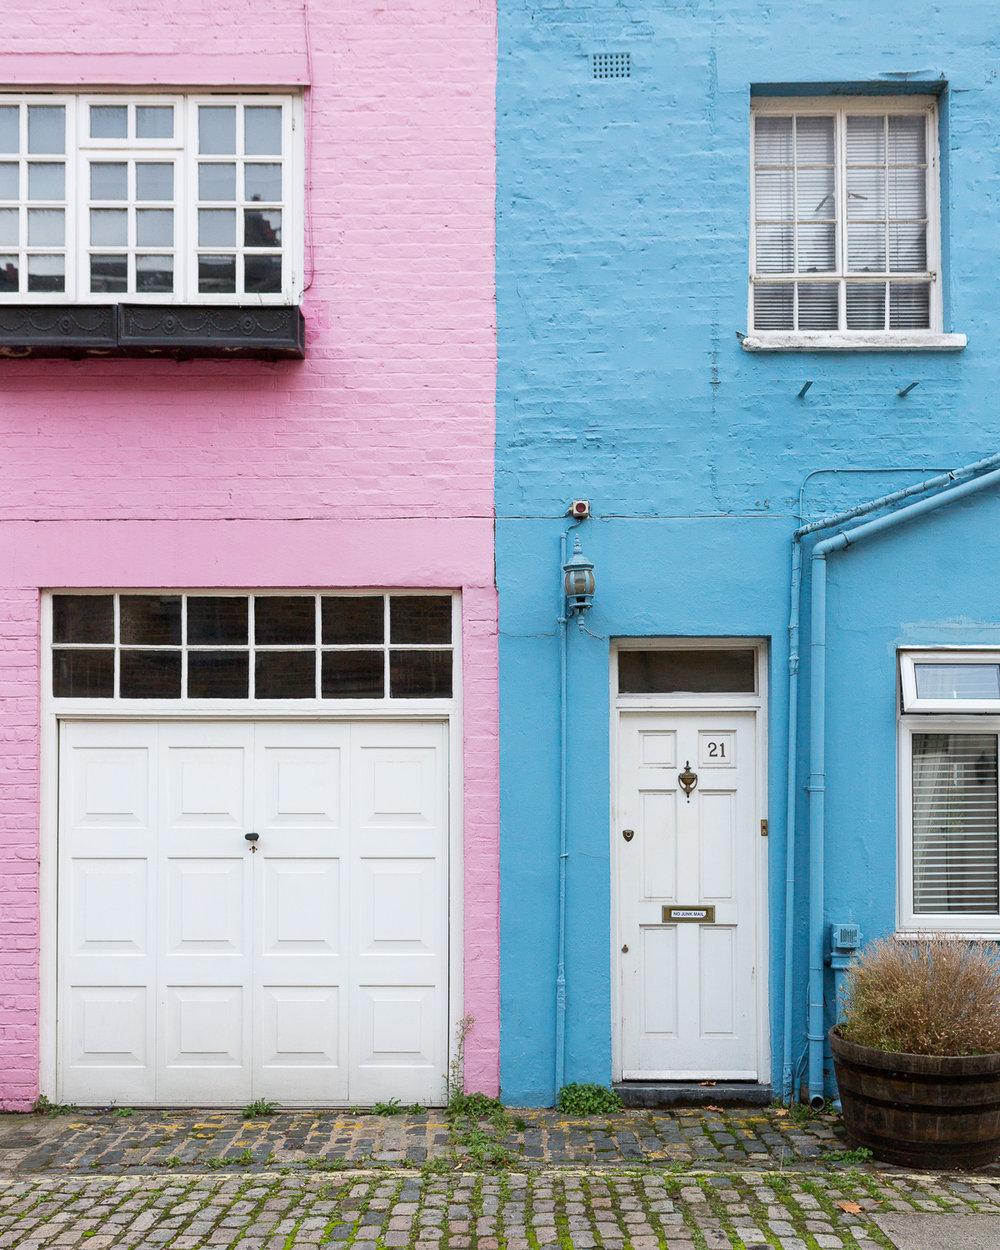 NinaTekwani_London in Pink_7.jpg